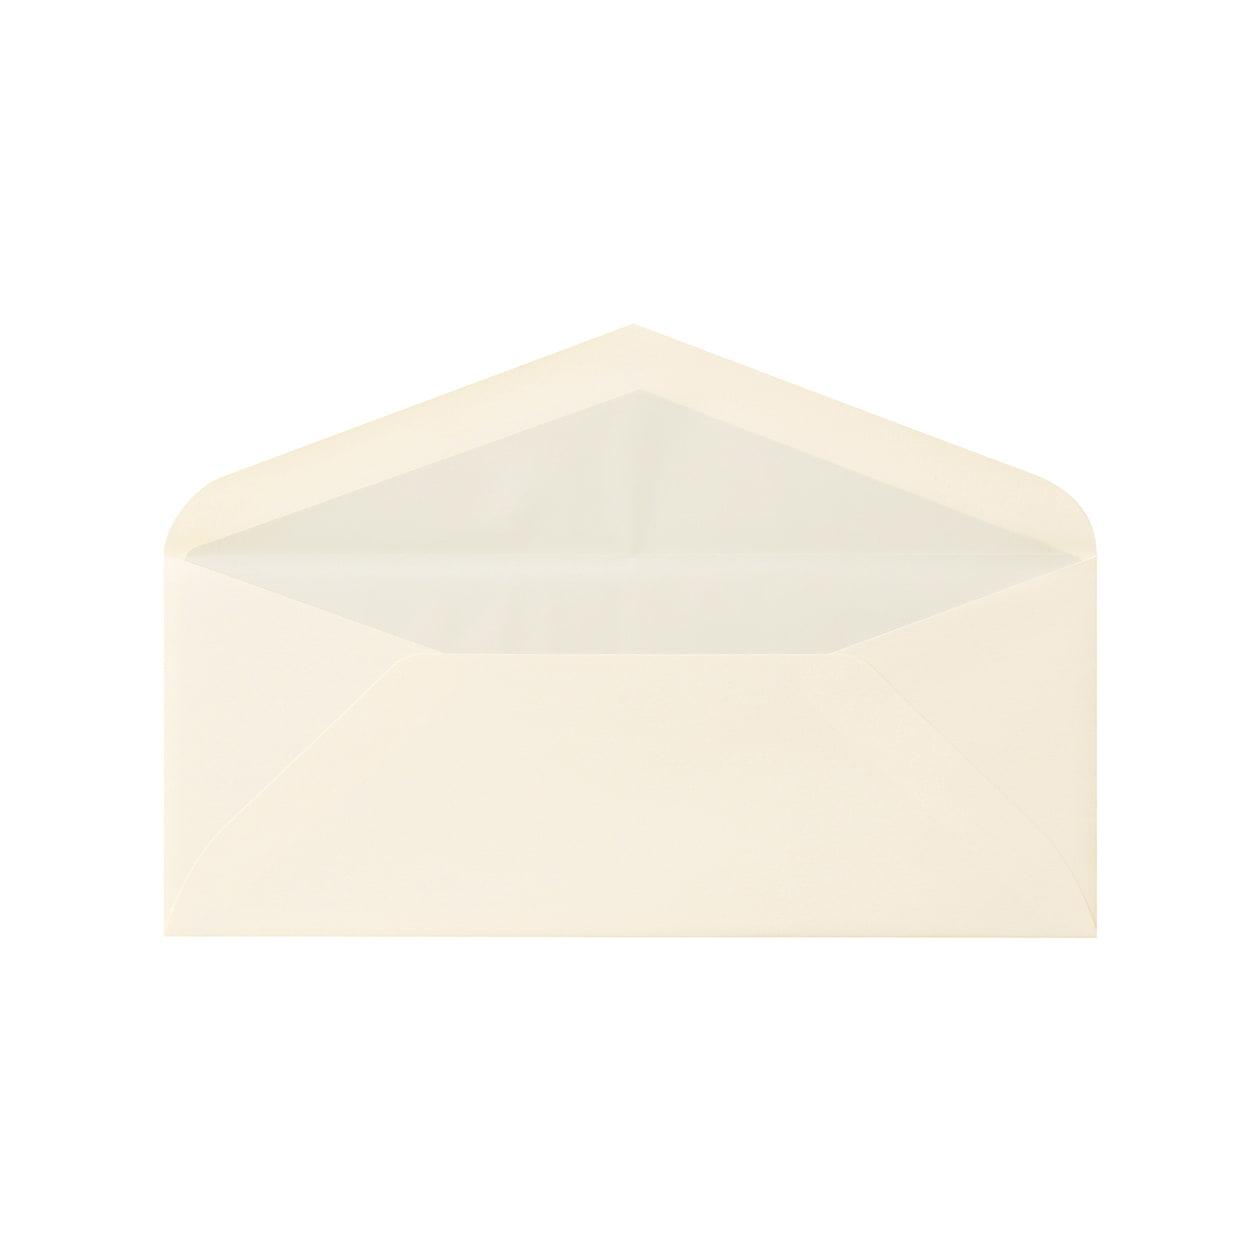 DLSダイア二重封筒 コットン ナチュラル 116.3g